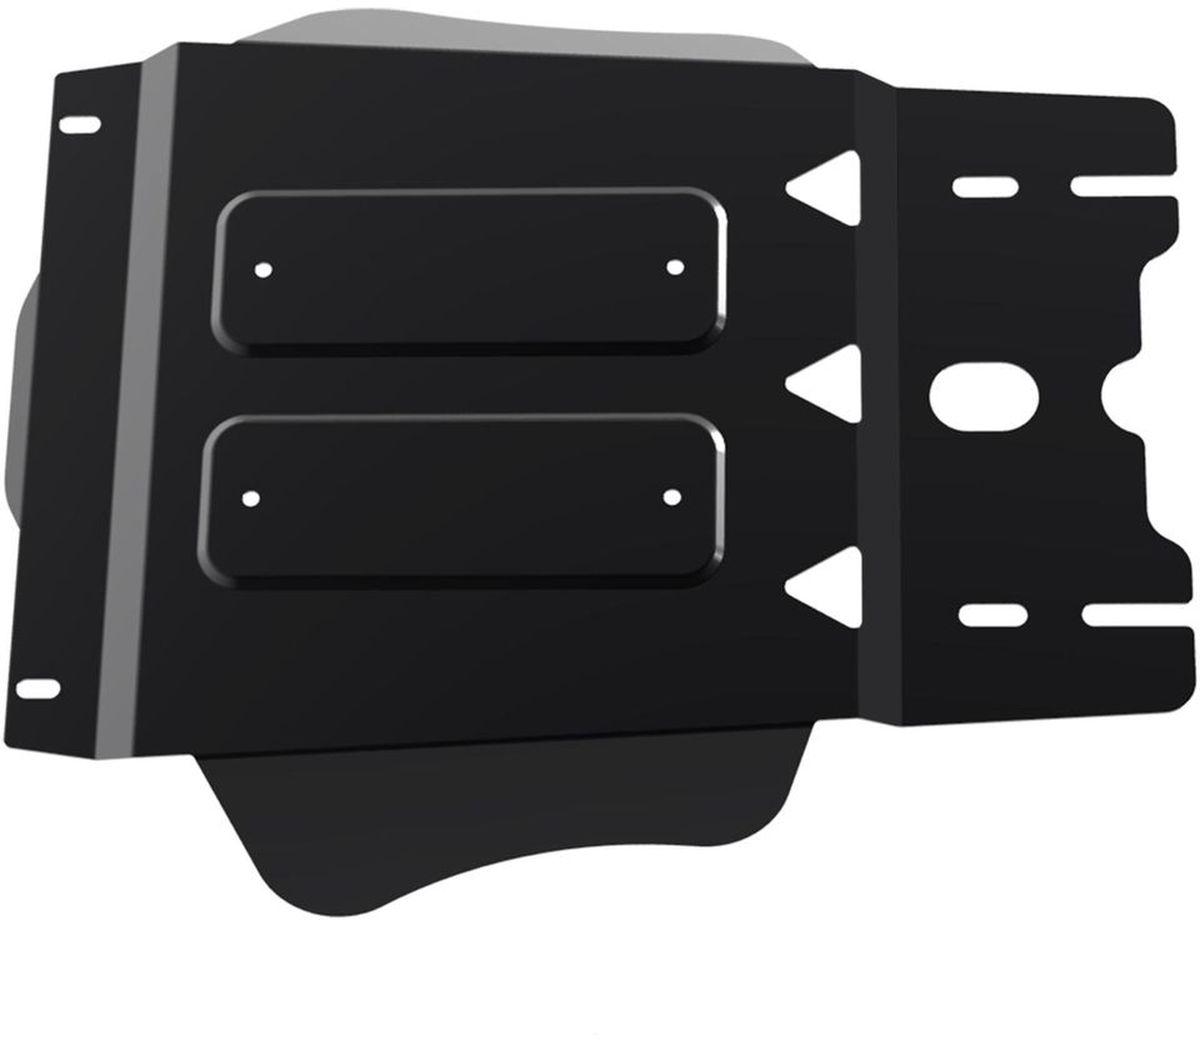 Защита КПП Автоброня Chevrolet Niva 2002-, сталь 2 мм111.01014.2Защита КПП Автоброня Chevrolet Niva, V- 1,7 2002-, сталь 2 мм, комплект крепежа, 111.01014.2Дополнительно можно приобрести другие защитные элементы из комплекта: защита картера - 1.01017.1, защита РК - 111.01011.3Стальные защиты Автоброня надежно защищают ваш автомобиль от повреждений при наезде на бордюры, выступающие канализационные люки, кромки поврежденного асфальта или при ремонте дорог, не говоря уже о загородных дорогах.- Имеют оптимальное соотношение цена-качество.- Спроектированы с учетом особенностей автомобиля, что делает установку удобной.- Защита устанавливается в штатные места кузова автомобиля.- Является надежной защитой для важных элементов на протяжении долгих лет.- Глубокий штамп дополнительно усиливает конструкцию защиты.- Подштамповка в местах крепления защищает крепеж от срезания.- Технологические отверстия там, где они необходимы для смены масла и слива воды, оборудованные заглушками, закрепленными на защите.Толщина стали 2 мм.В комплекте крепеж и инструкция по установке.Уважаемые клиенты!Обращаем ваше внимание на тот факт, что защита имеет форму, соответствующую модели данного автомобиля. Наличие глубокого штампа и лючков для смены фильтров/масла предусмотрено не на всех защитах. Фото служит для визуального восприятия товара.